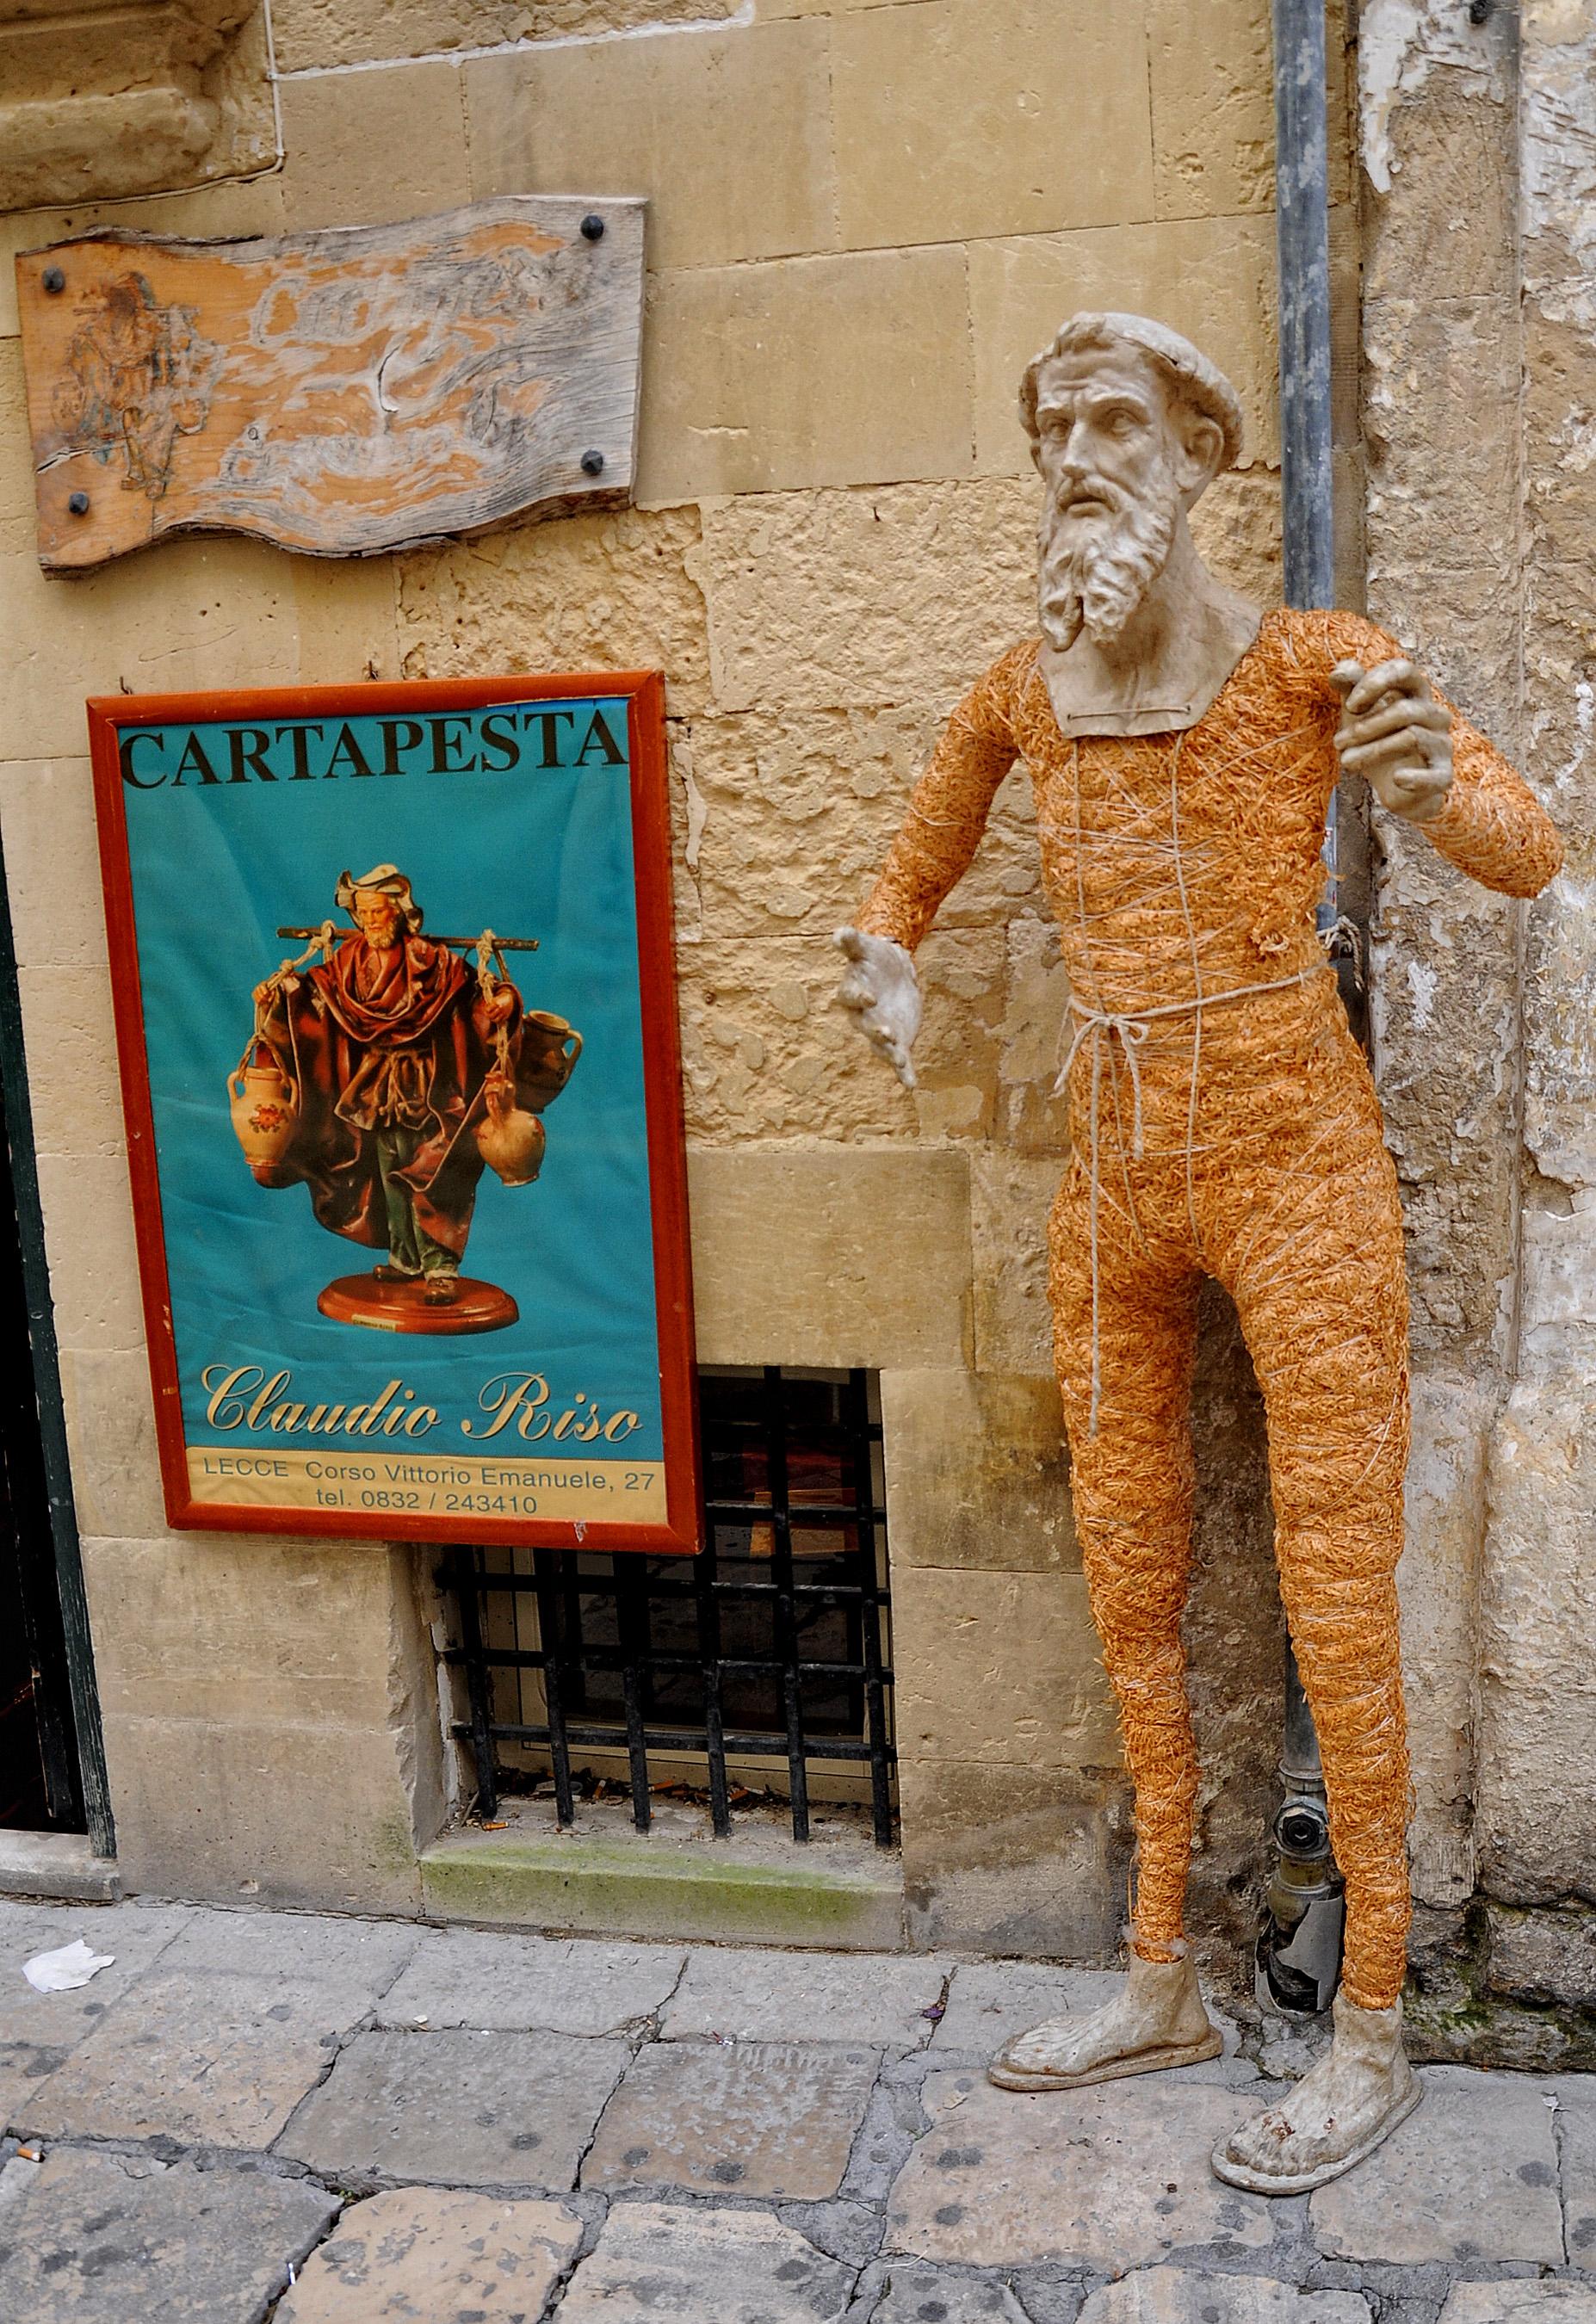 La cartapesta, antico mestiere  Lecce Notizie